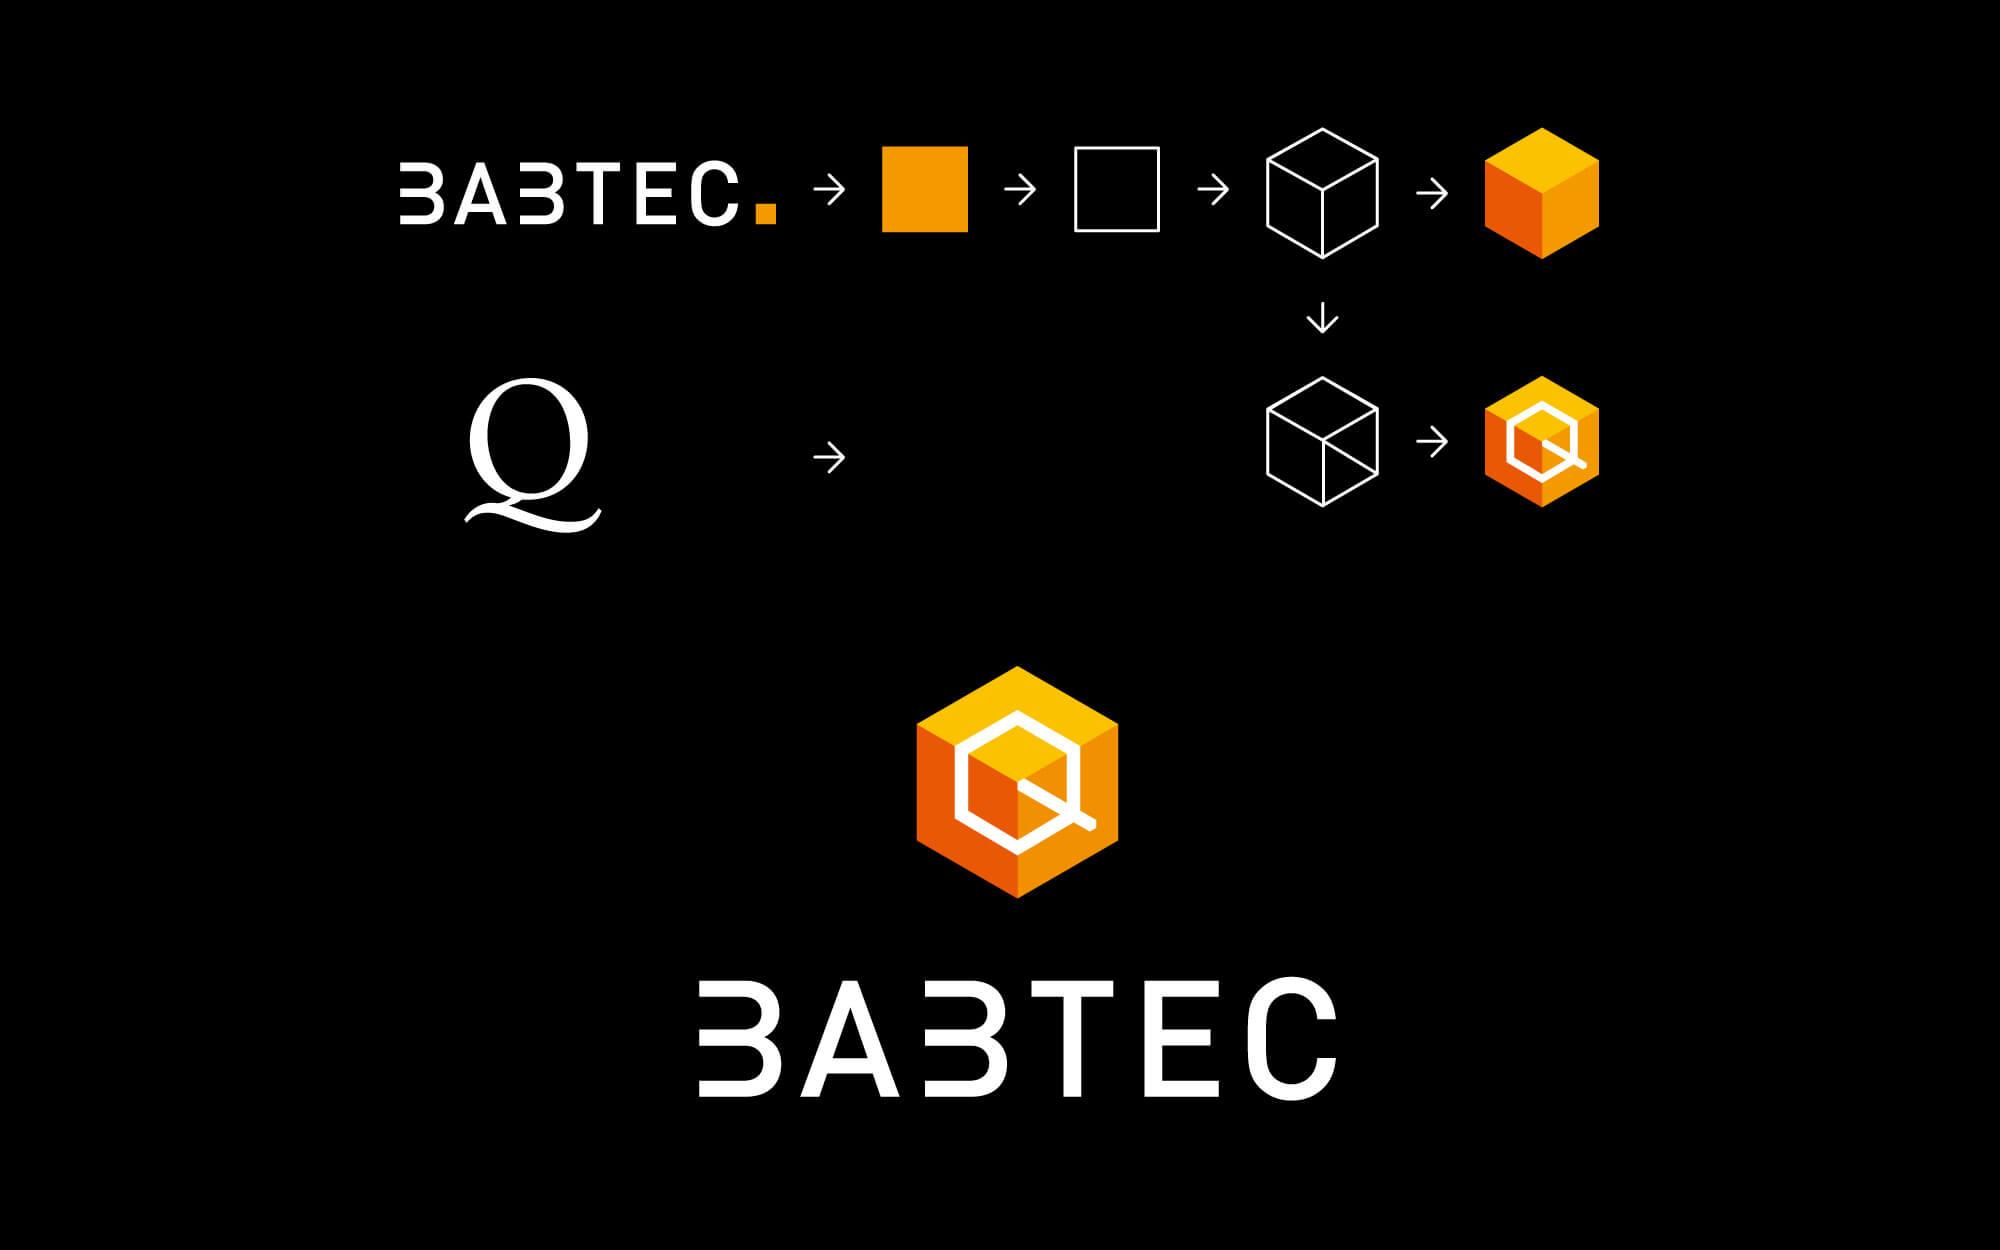 EIGA_Babtec_CD_L_14